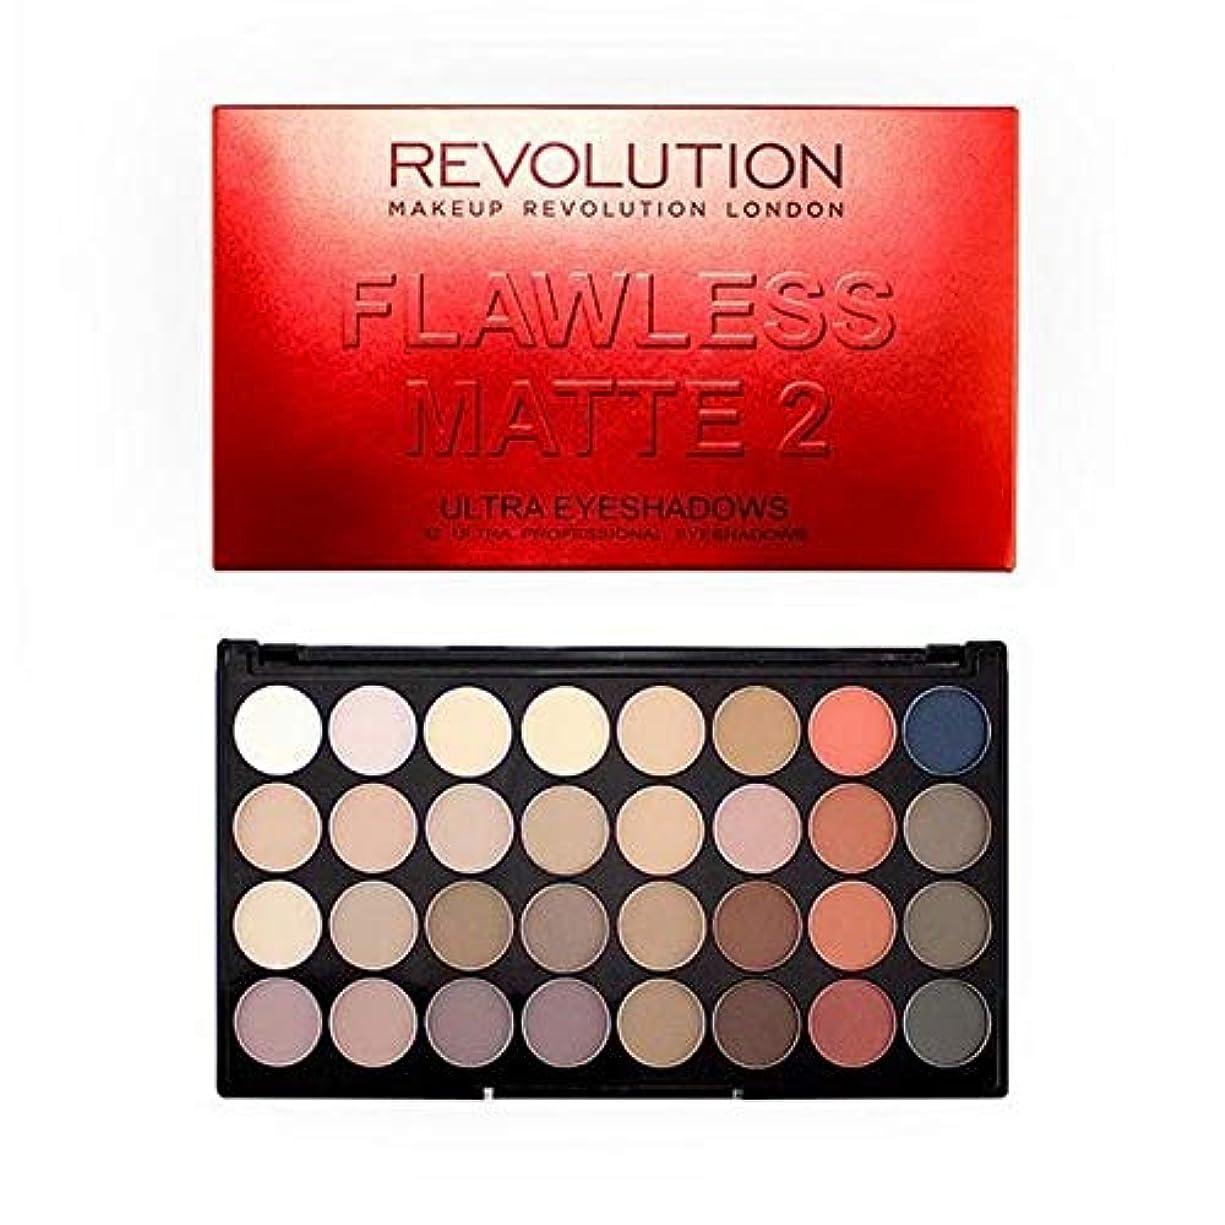 うまれた汗運動[Revolution ] 革命完璧なマット2アイシャドウパレット - Revolution Flawless Matte 2 Eye Shadow Palette [並行輸入品]